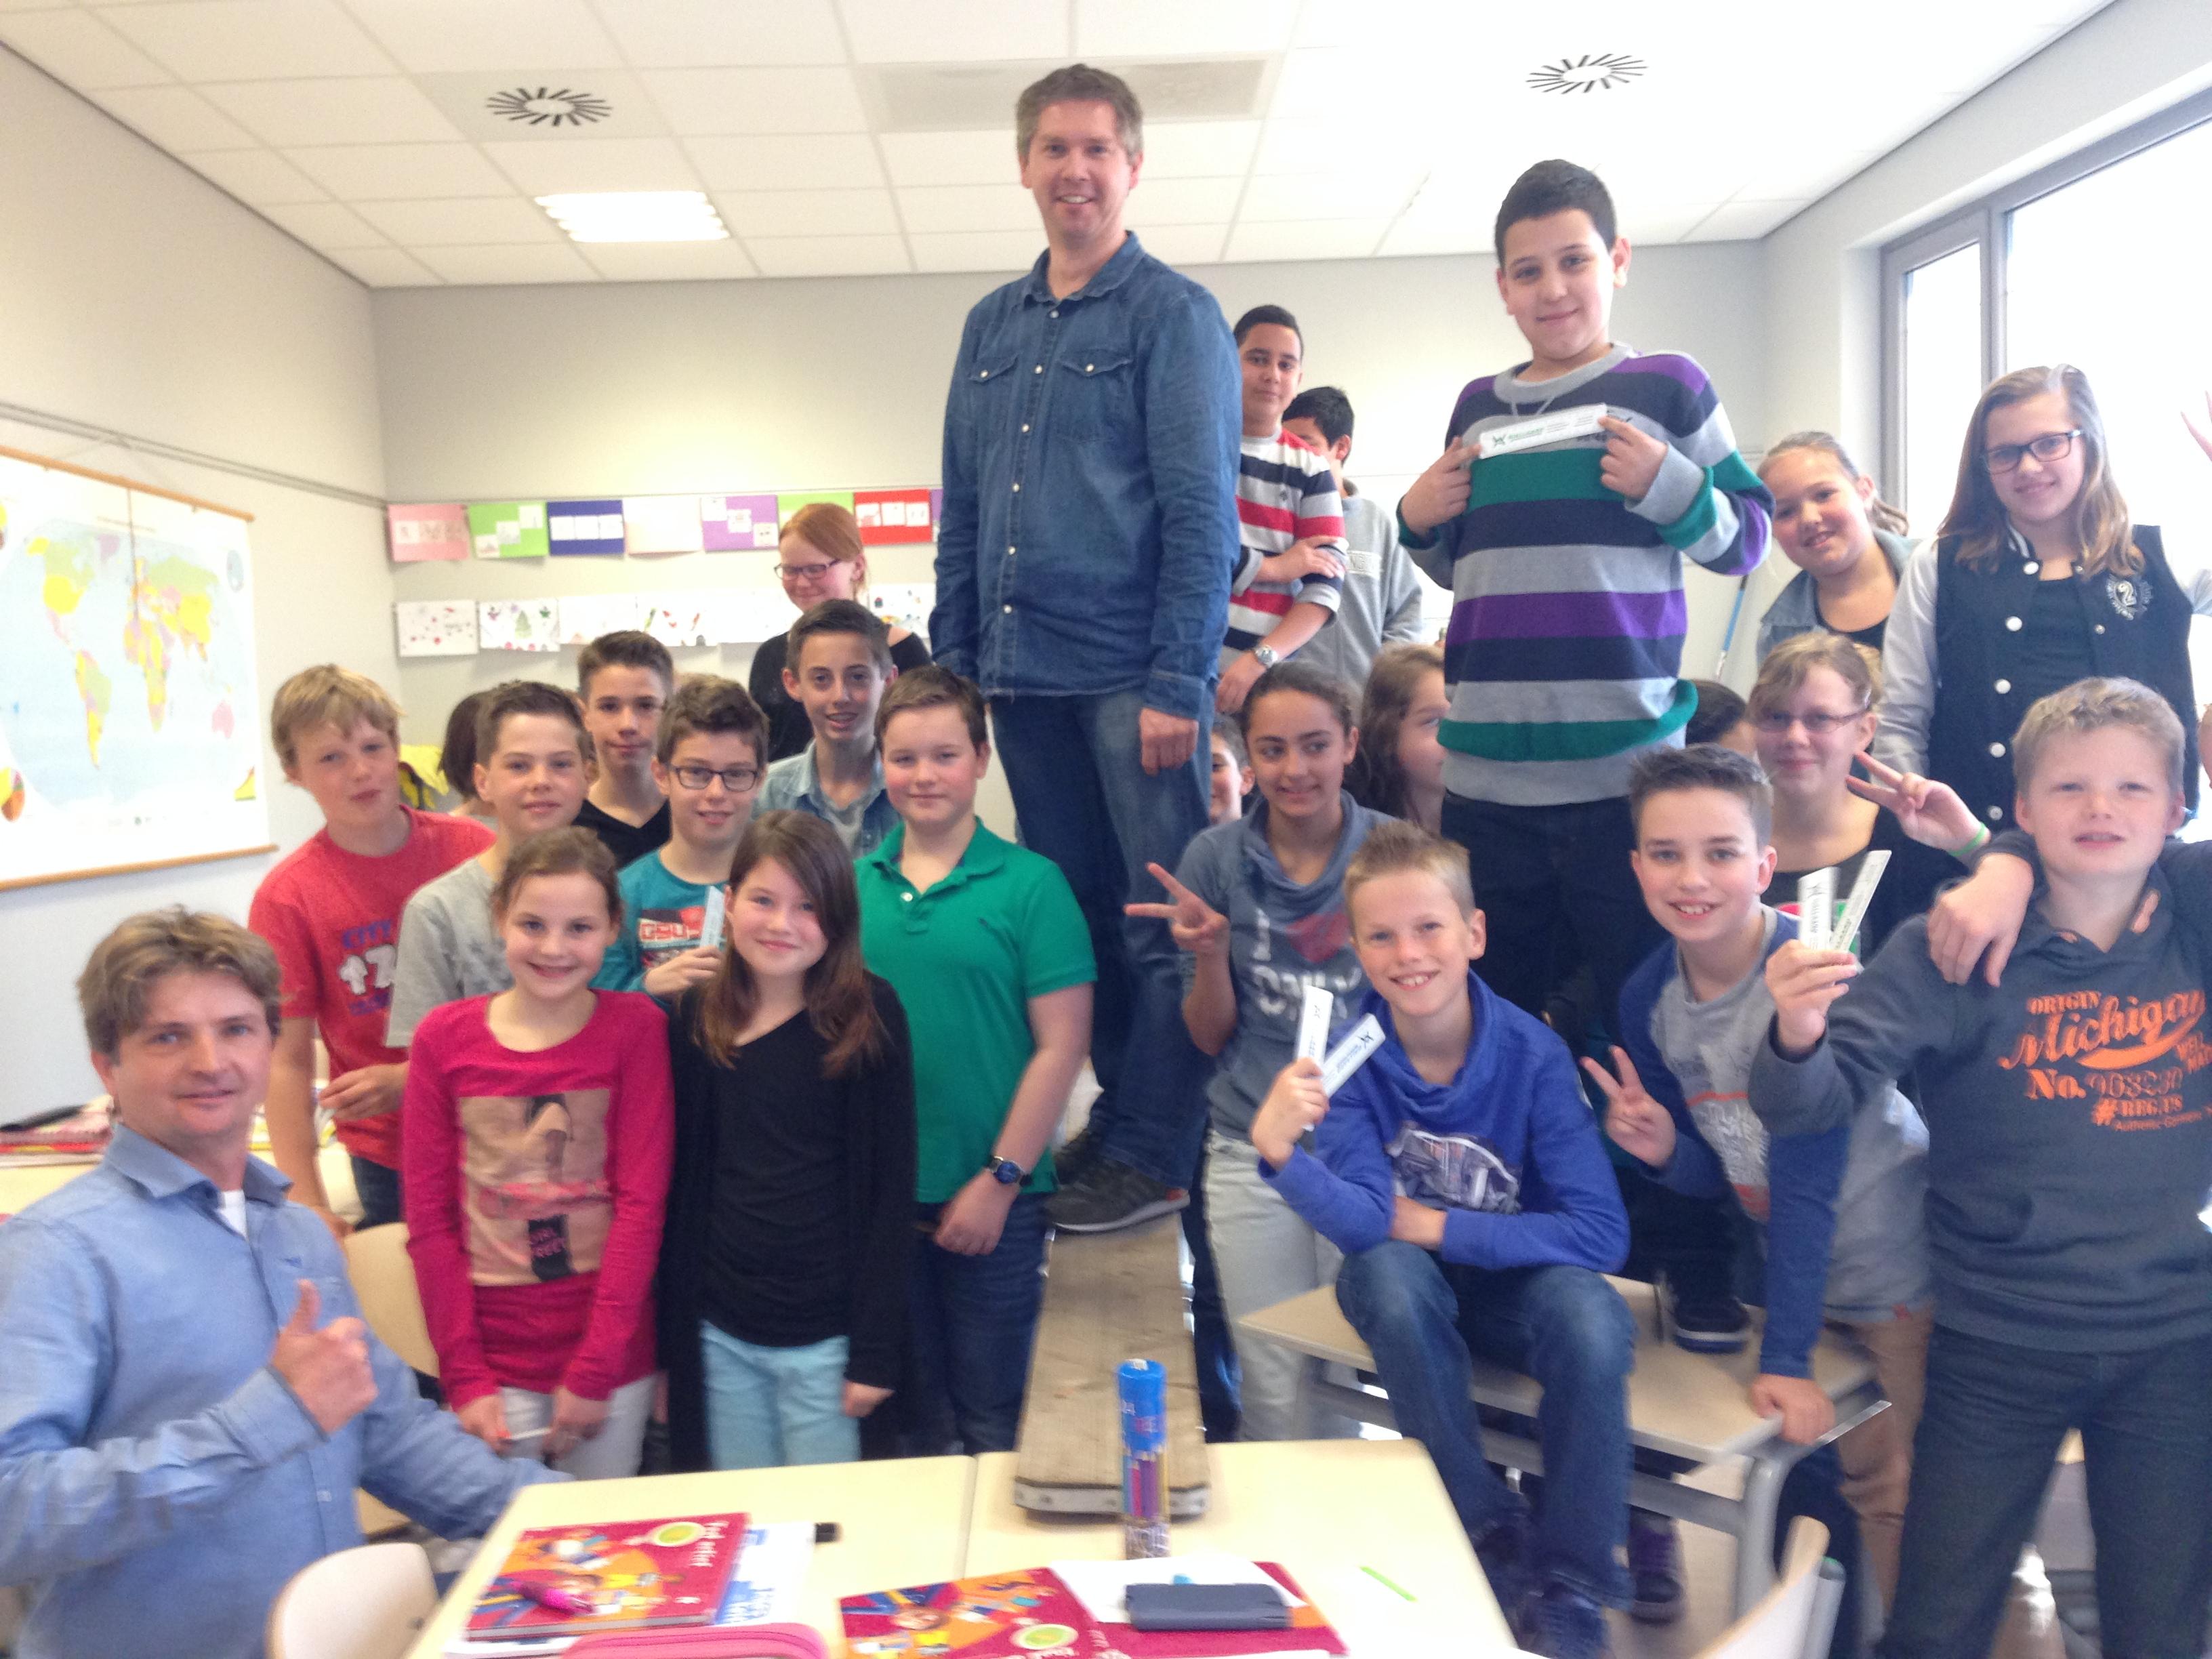 """GCE-Tiel verzorgt Masterclass """"Bruggenbouw voor Dummies"""",  Michael van de Berkt en Wim de Groot gaven afgelopen donderdag een gast-les over bruggenbouw voor groep 8 van basisschool de """"achtbaan""""in Tiel."""